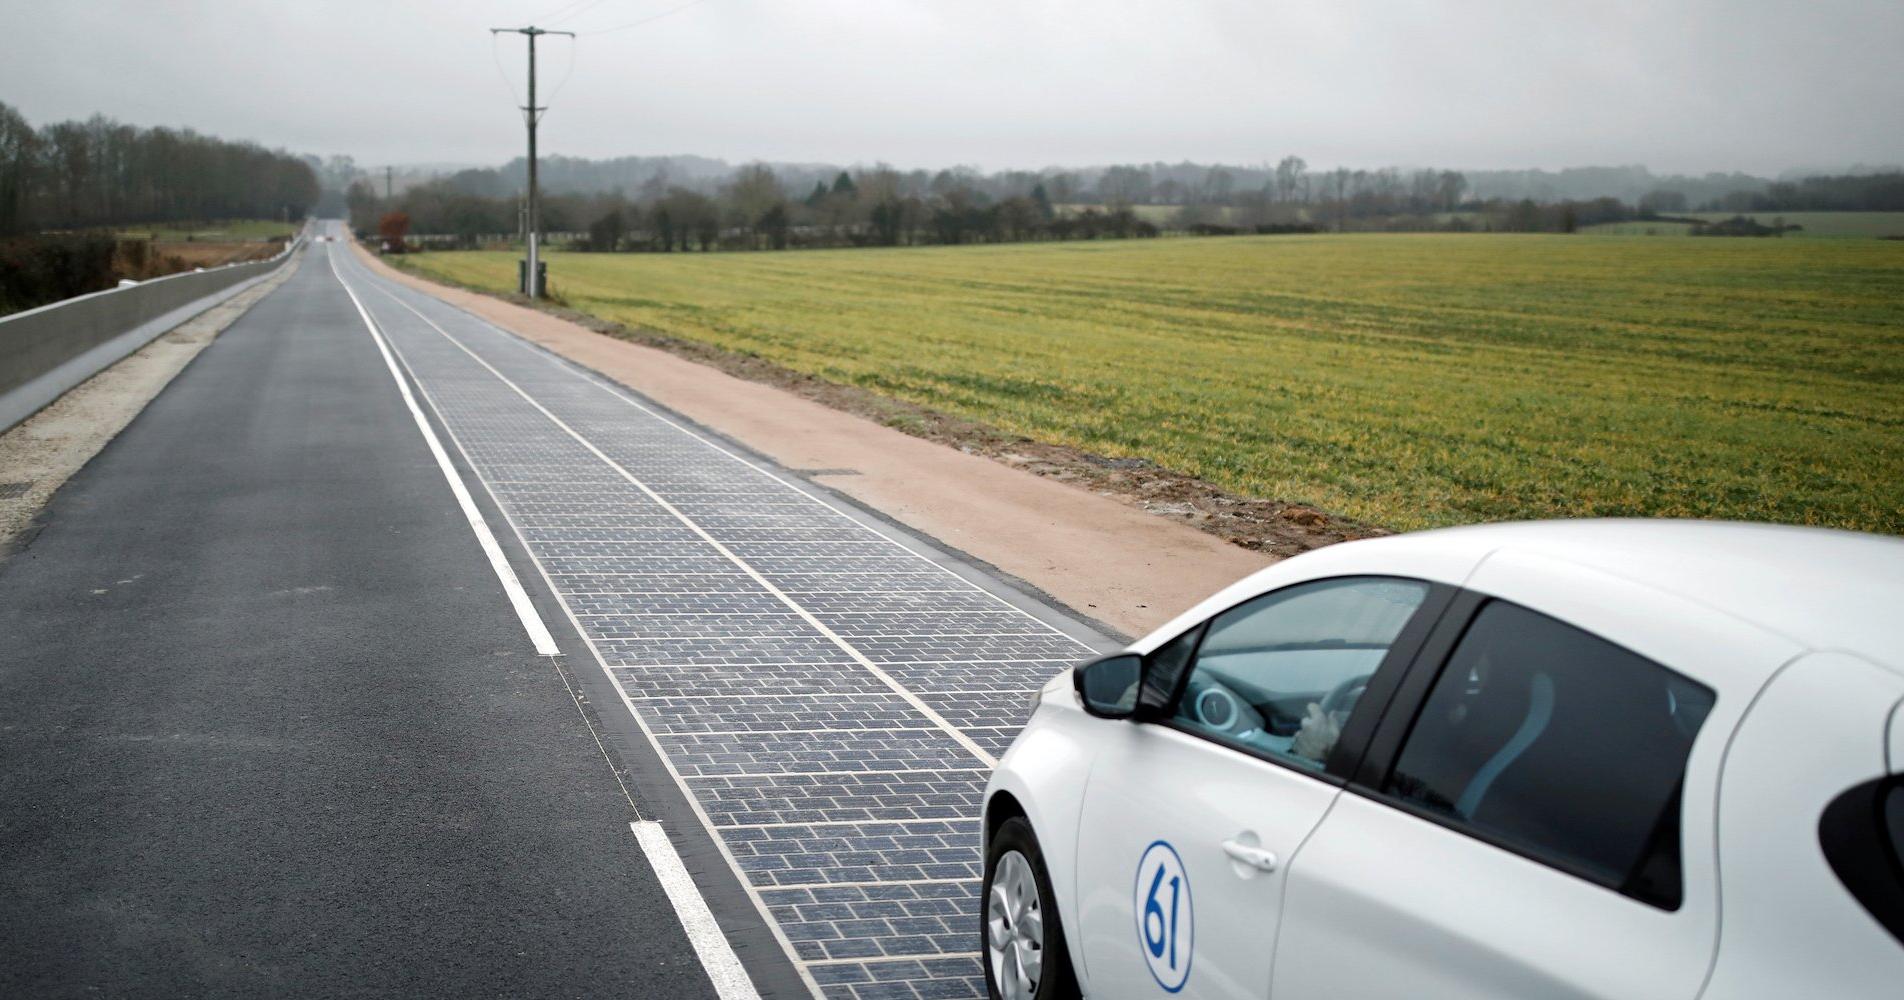 Дорогу из солнечных батарей признали провальным проектом